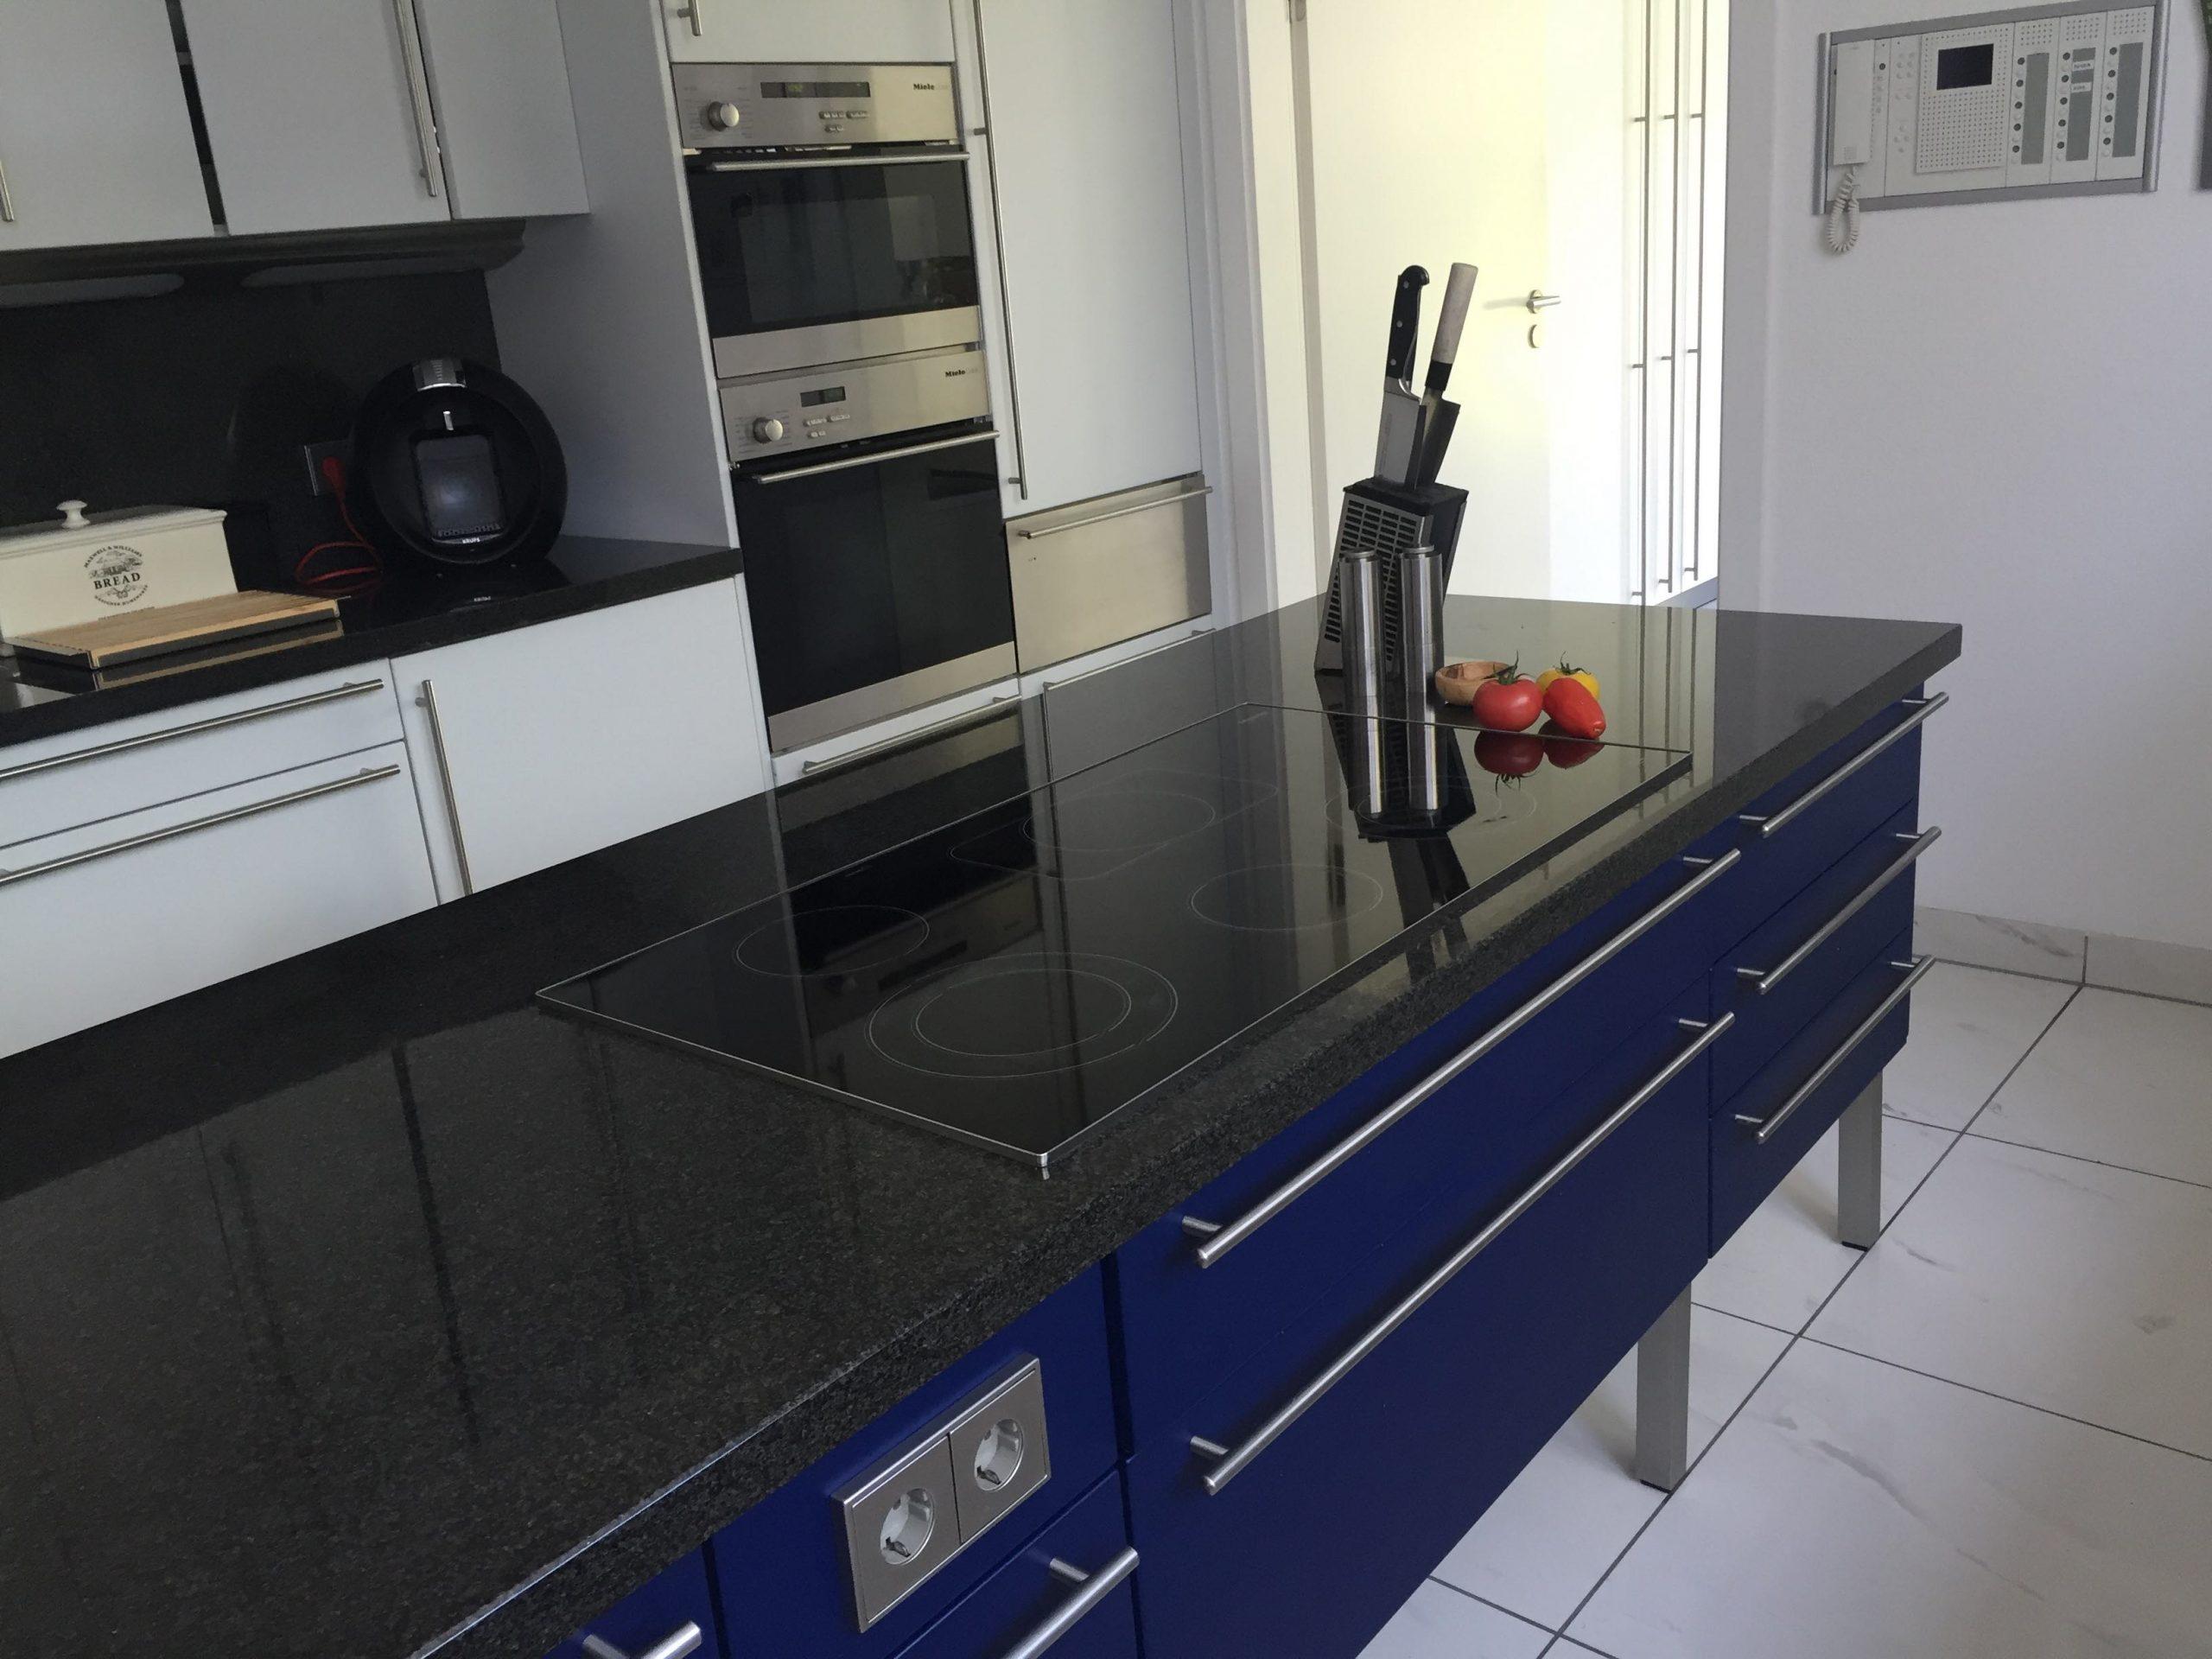 Full Size of Gebrauchte Einbauküche Günstig Kaufen Gebrauchte Einbauküche Zu Verschenken Suche Gebrauchte Einbauküche Gebrauchte Einbauküche Saarland Küche Gebrauchte Einbauküche